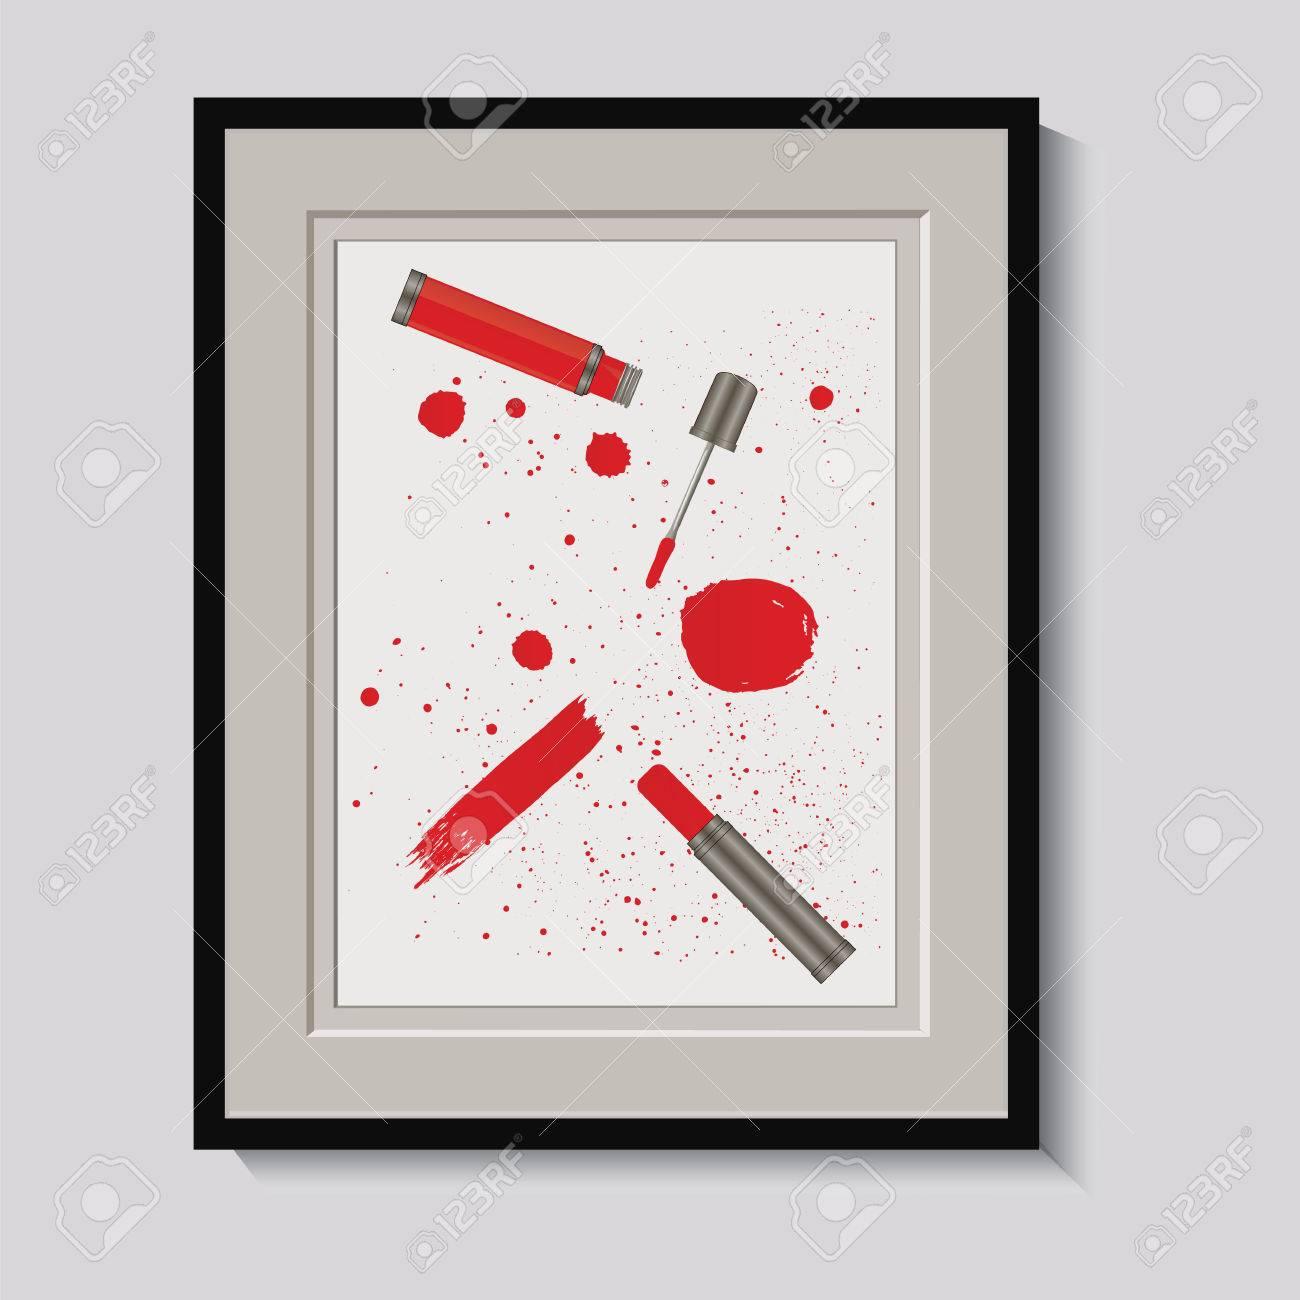 Niedlich Spray Rahmen Malerei Ideen - Bilderrahmen Ideen - szurop.info